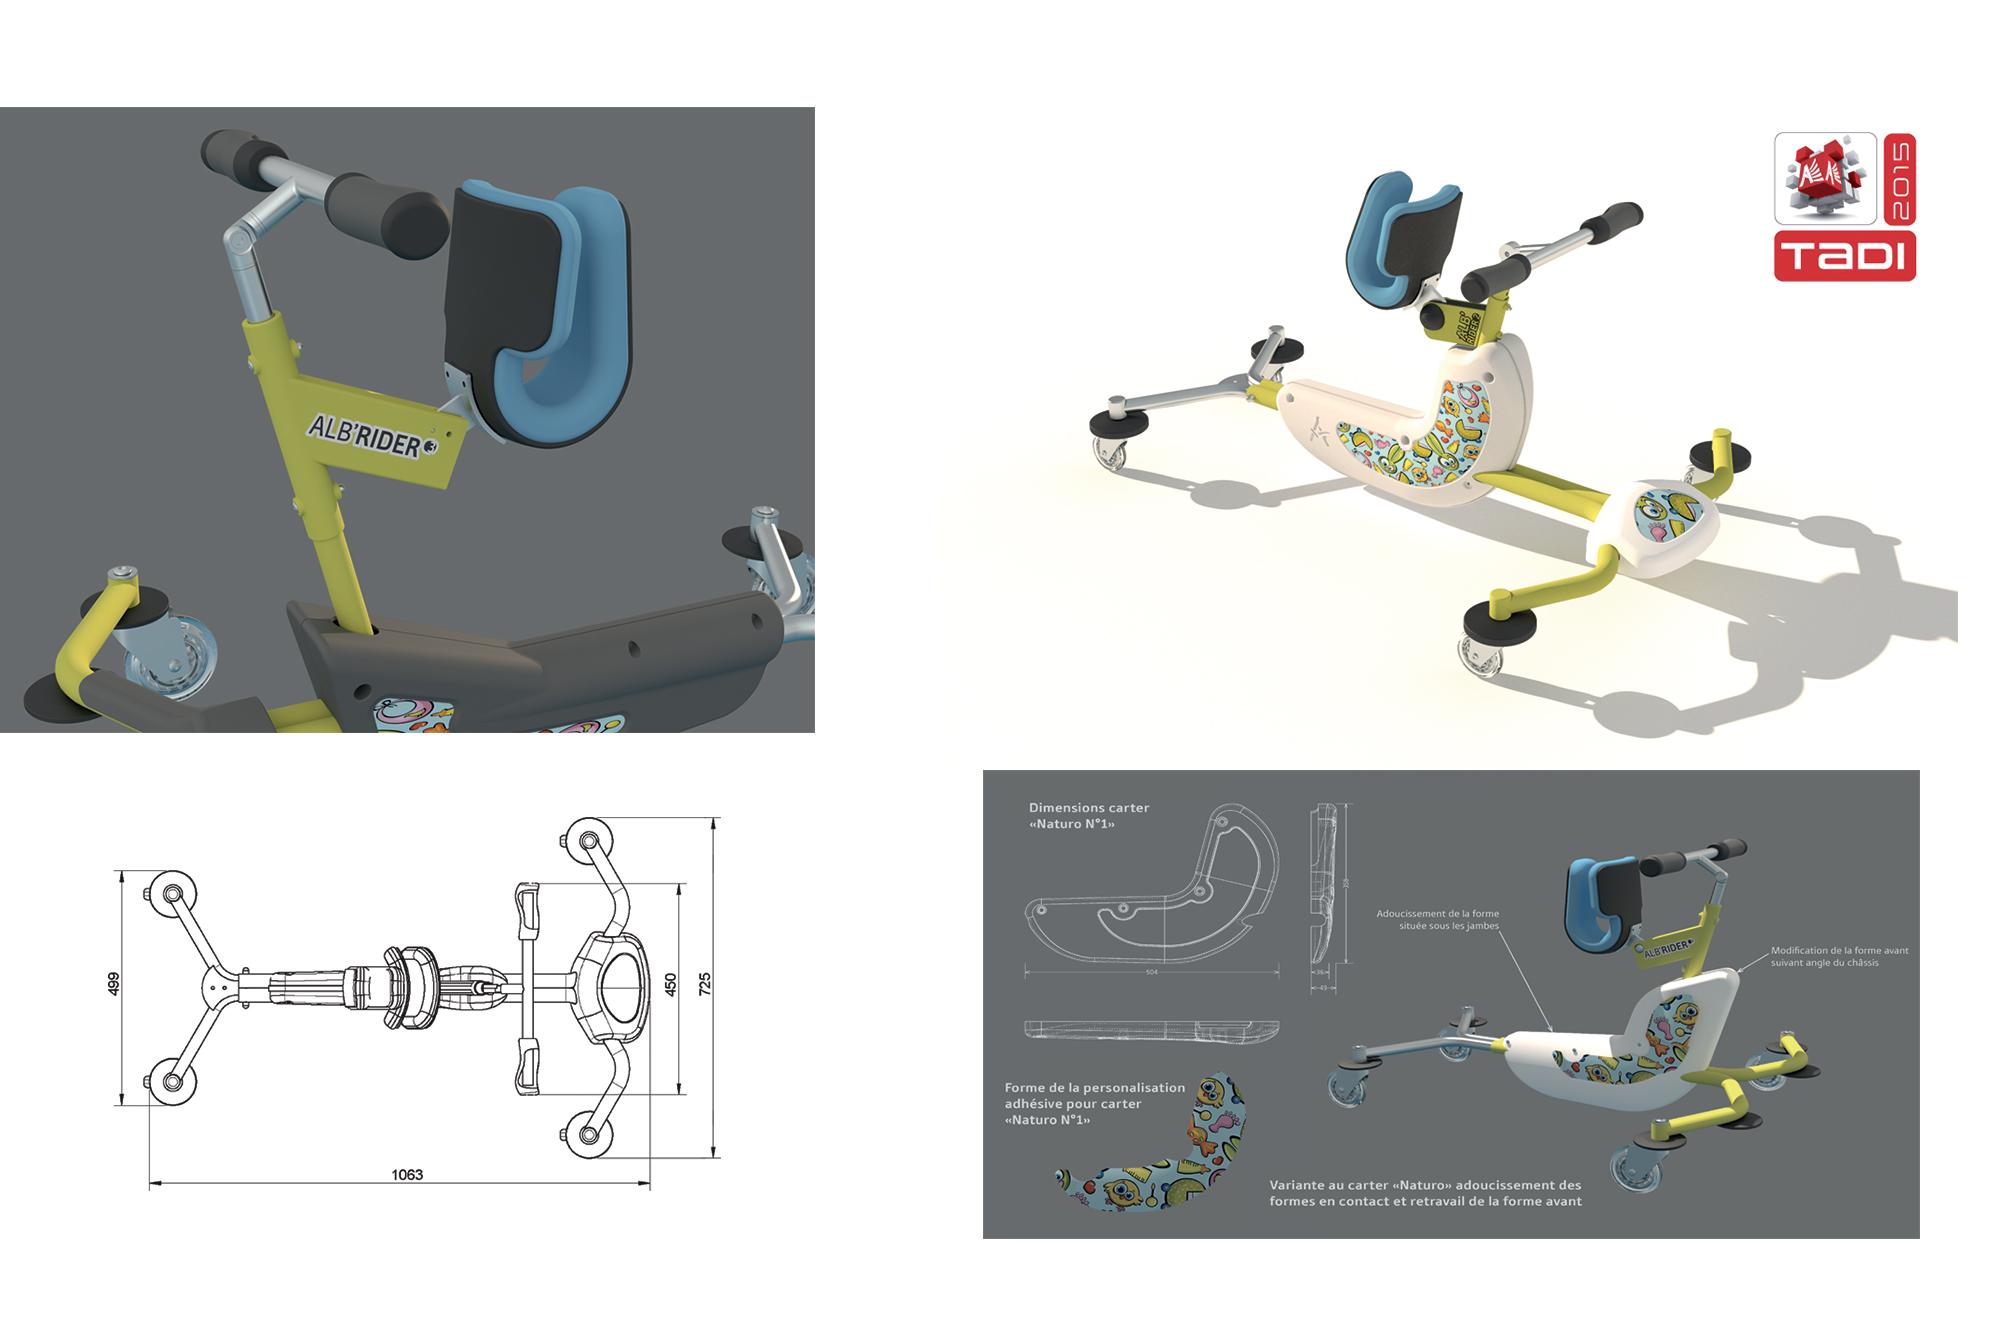 Appareil de déambulation pour enfants polyhandicapés - détails de conception